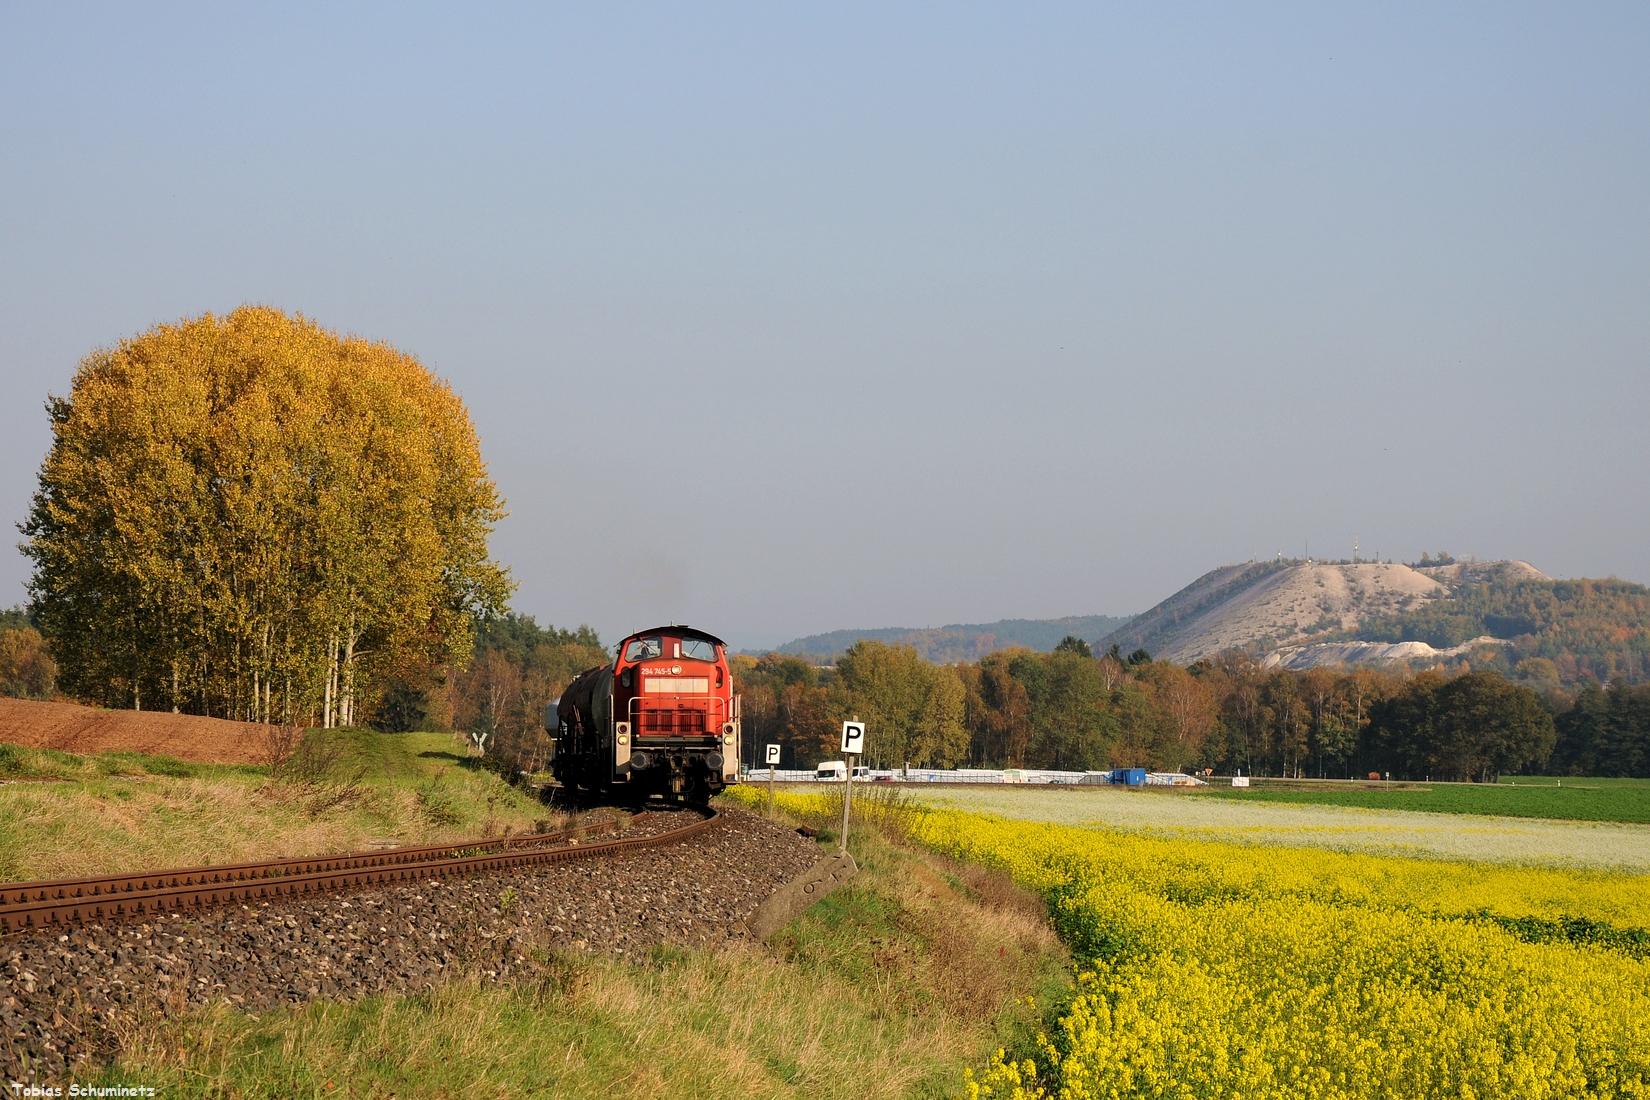 """Am Montagmittag, den 16.10.2017, machte ich dann auch noch zwei Bilder der Übergabe von Hirschau nach Amberg. Am Monteblick, welcher derzeit 2verschandelt"""" wird, wartete ich 294 745 mit dem EK55974 ab."""